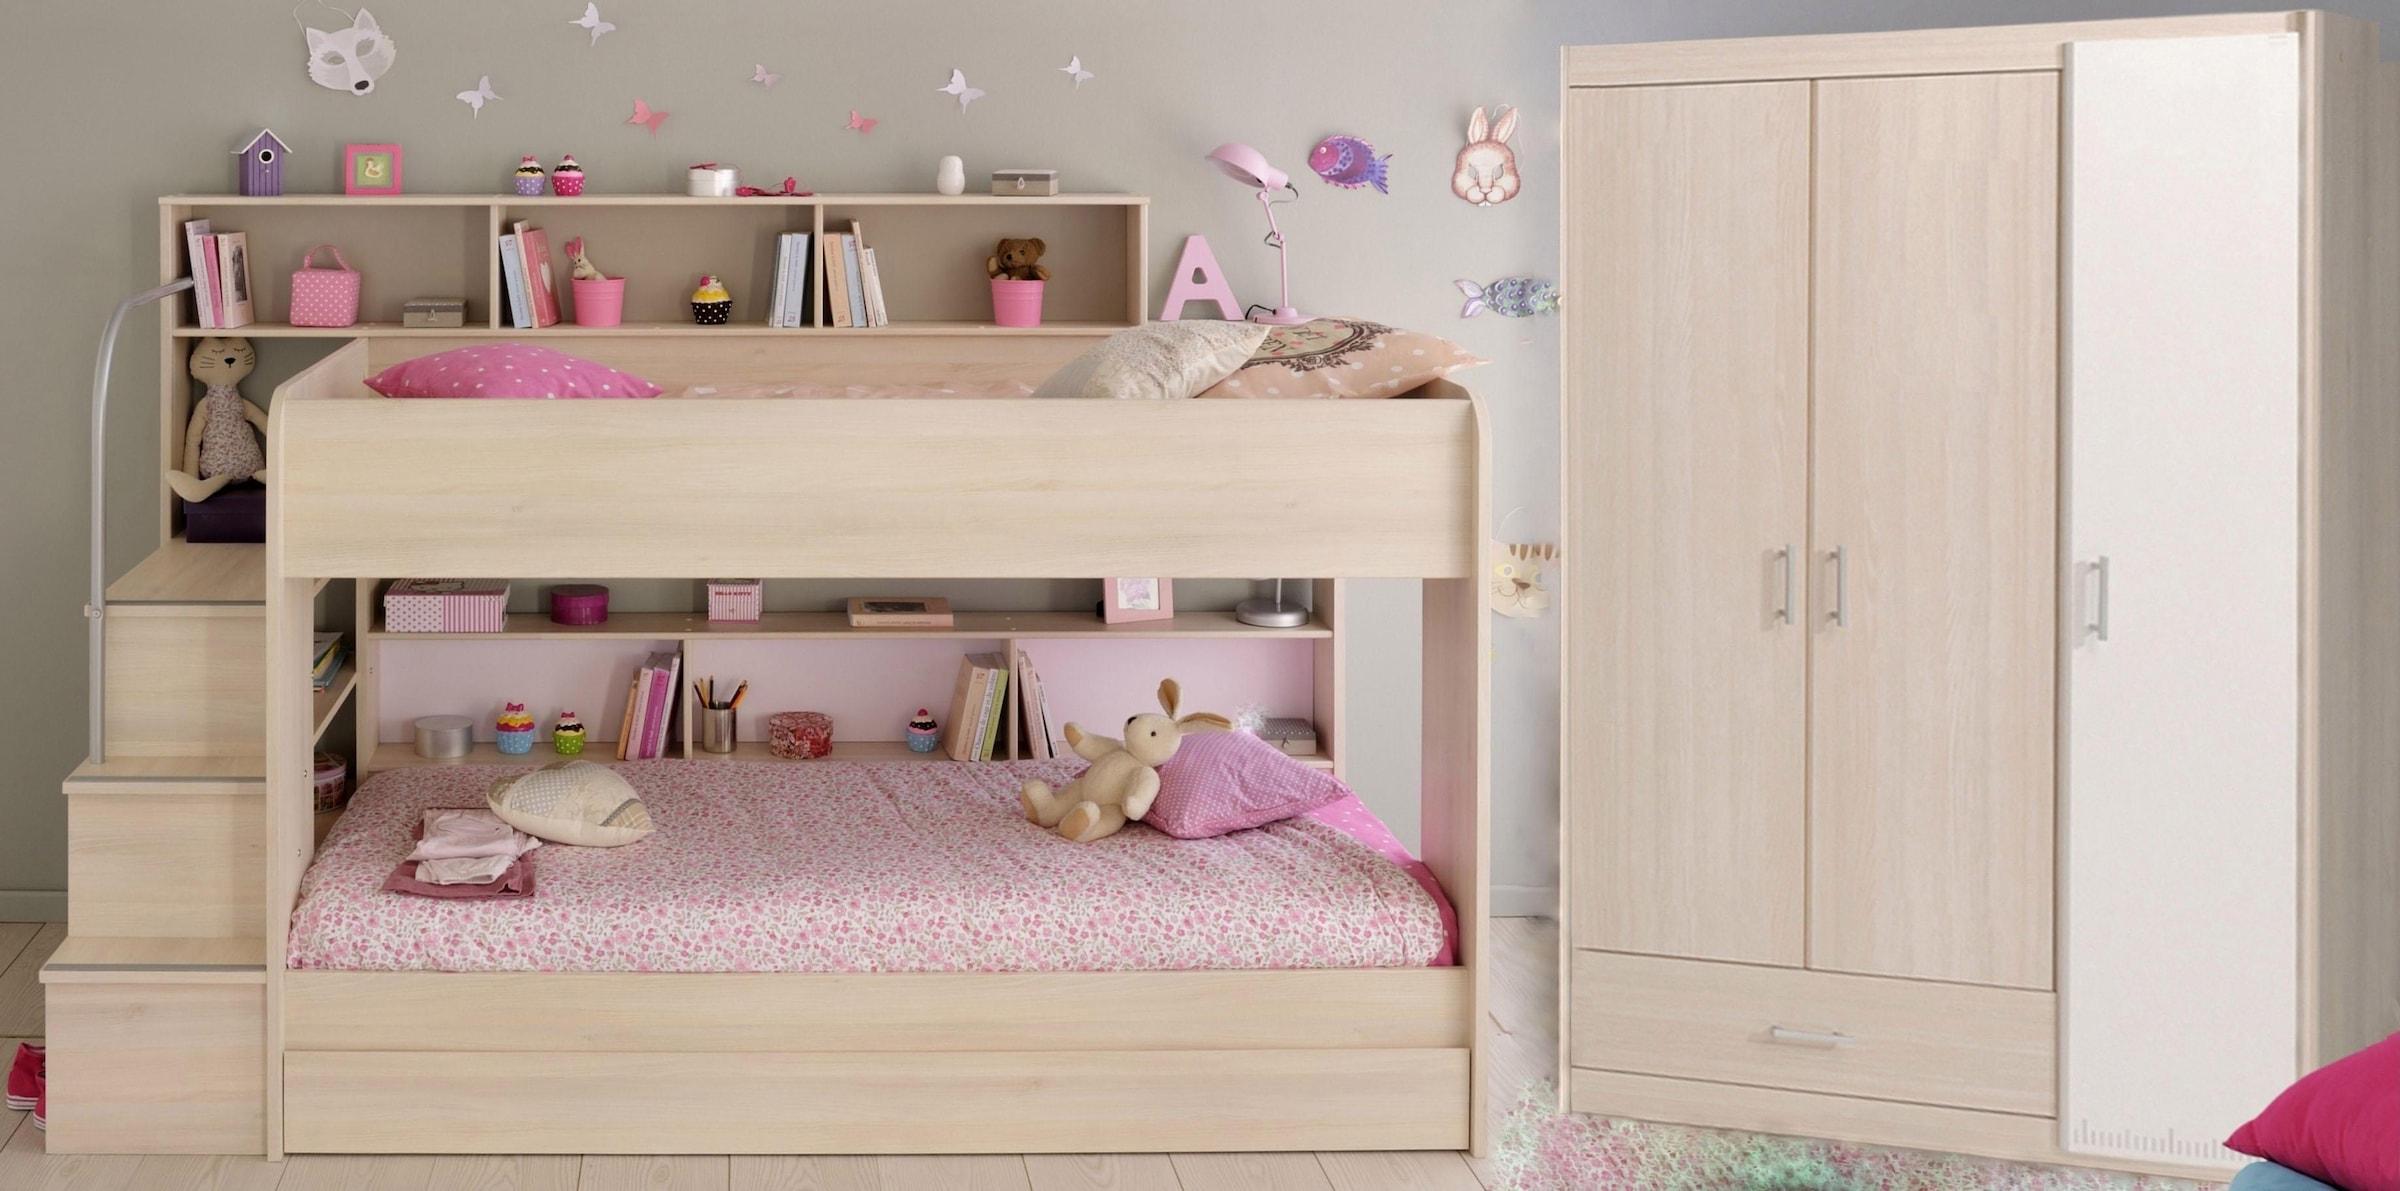 Kinderzimmer Etagenbett Set : Kinderzimmer komplett kaufen set online bei baur